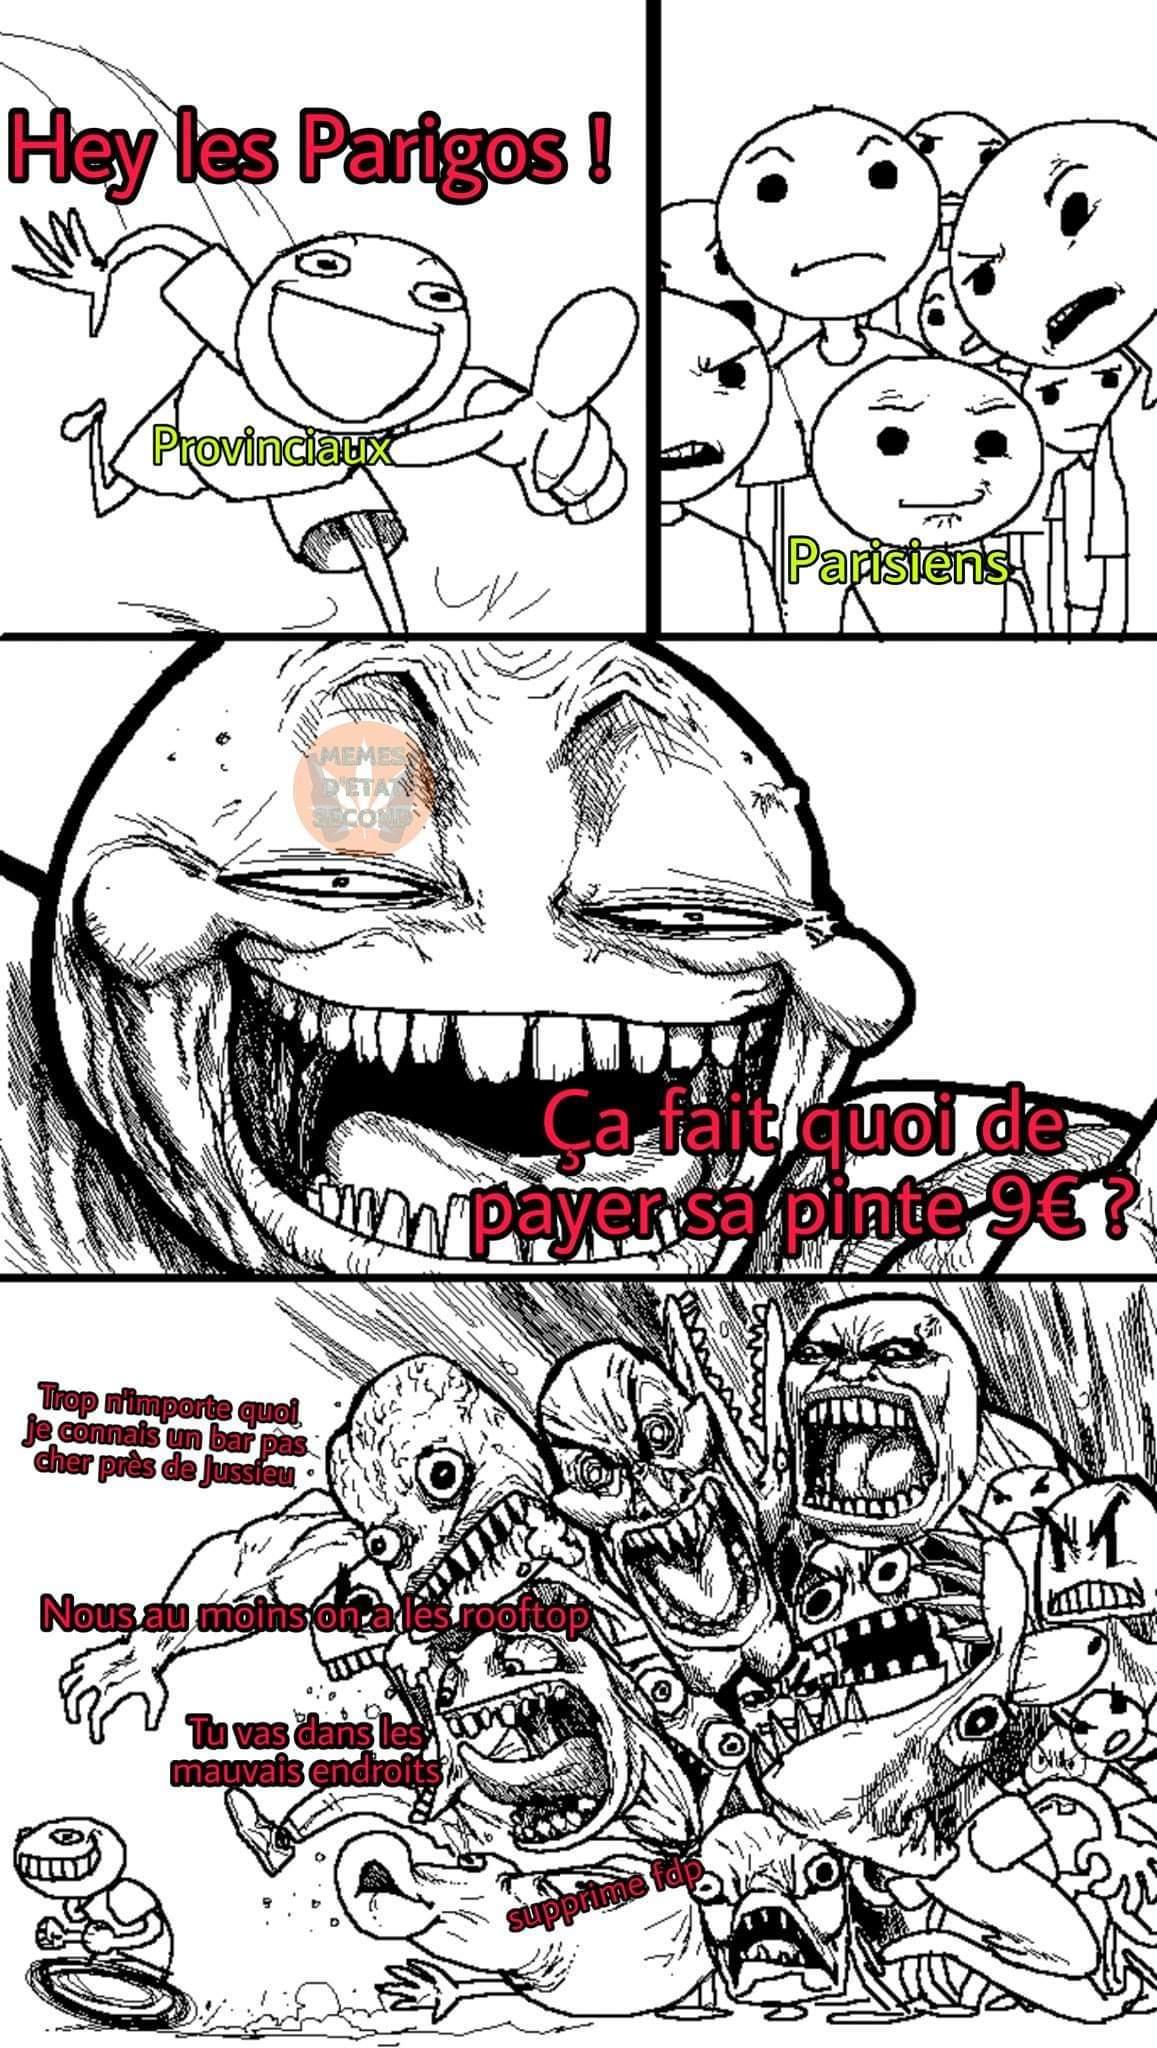 Clash imminent - meme